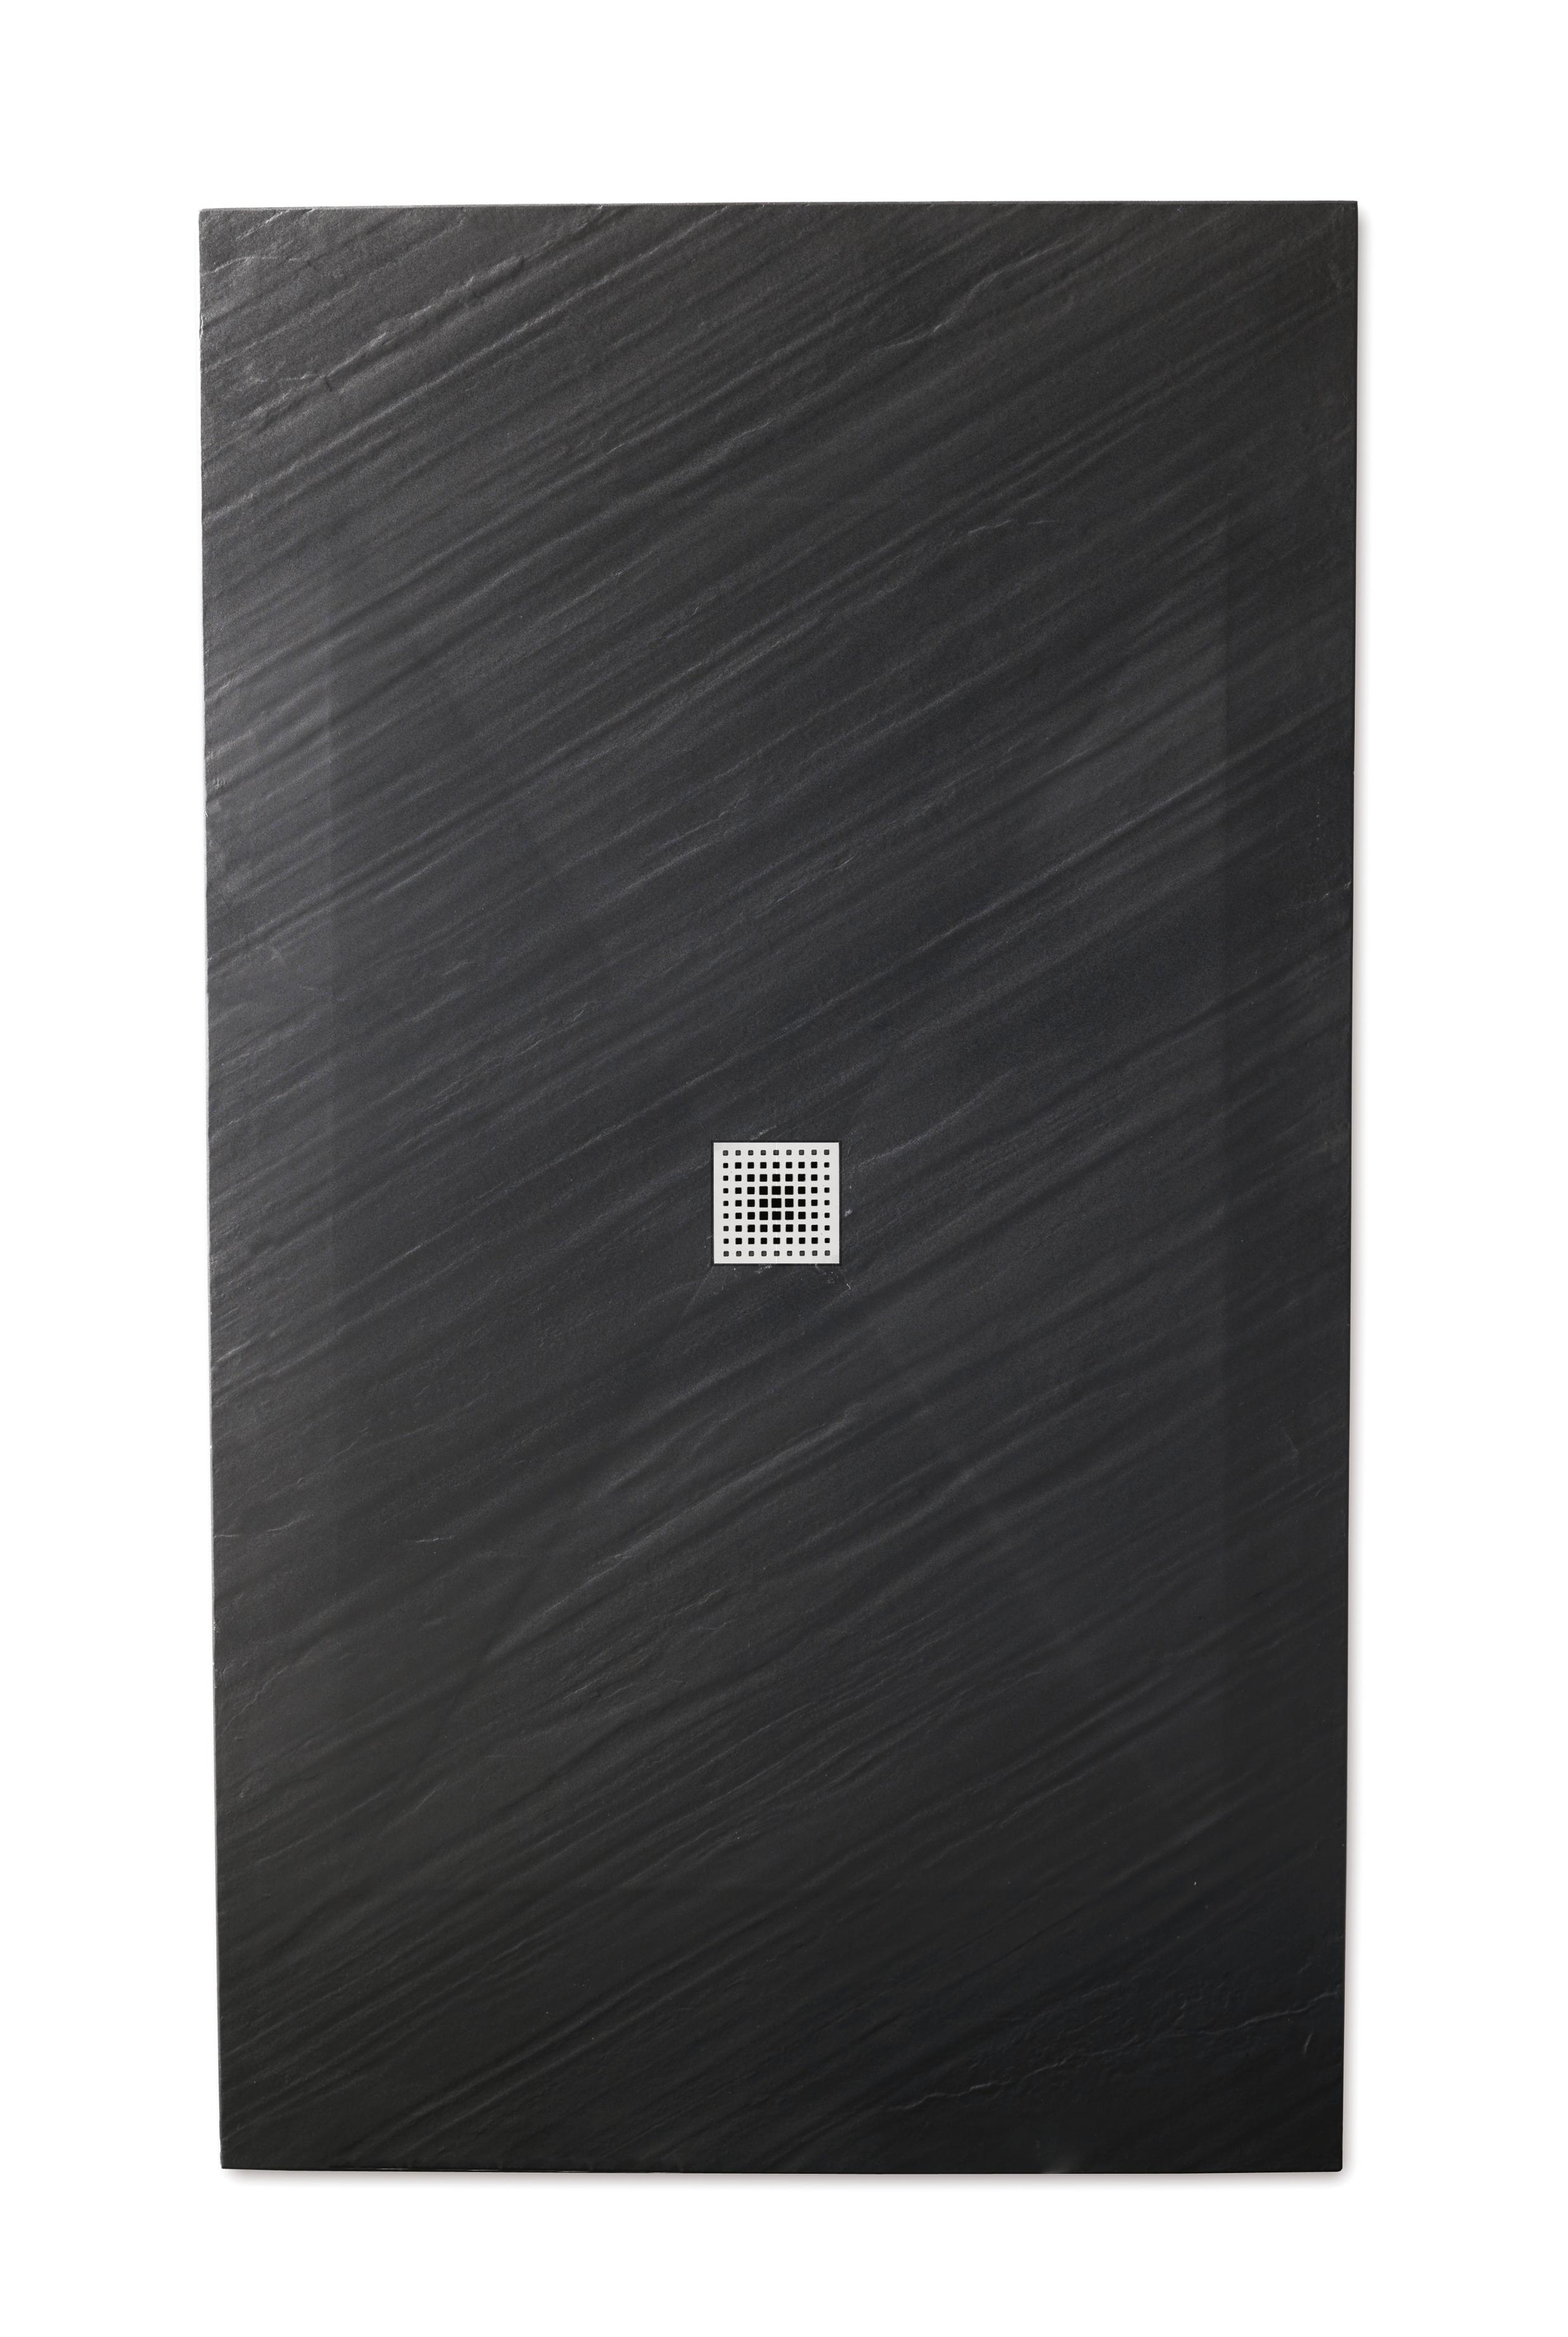 Piana piatto doccia ultra flat 3 cm in mineralstone - Piatto doccia nero ...